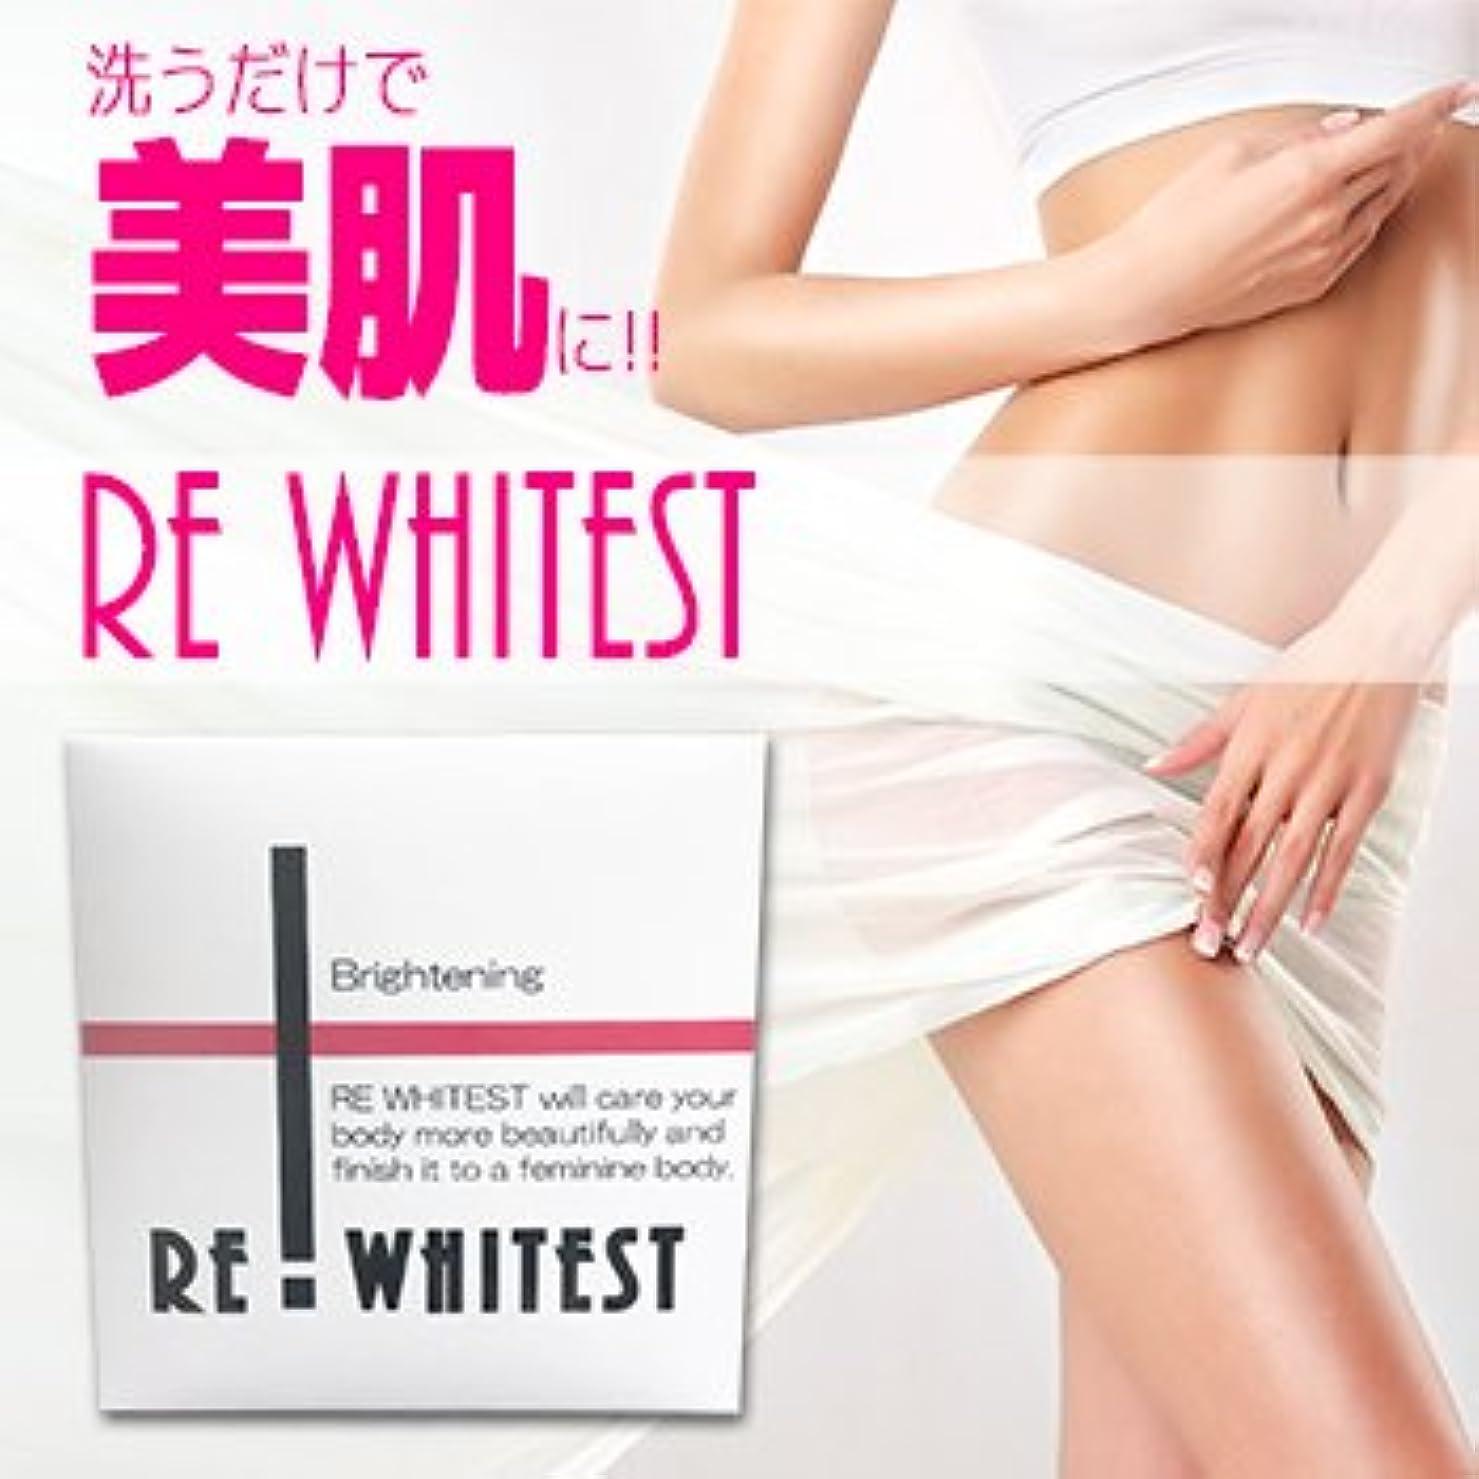 パラダイス野生下にパパイン+イソフラボン配合女性用美肌石鹸 REWHITEST-リホワイテスト-